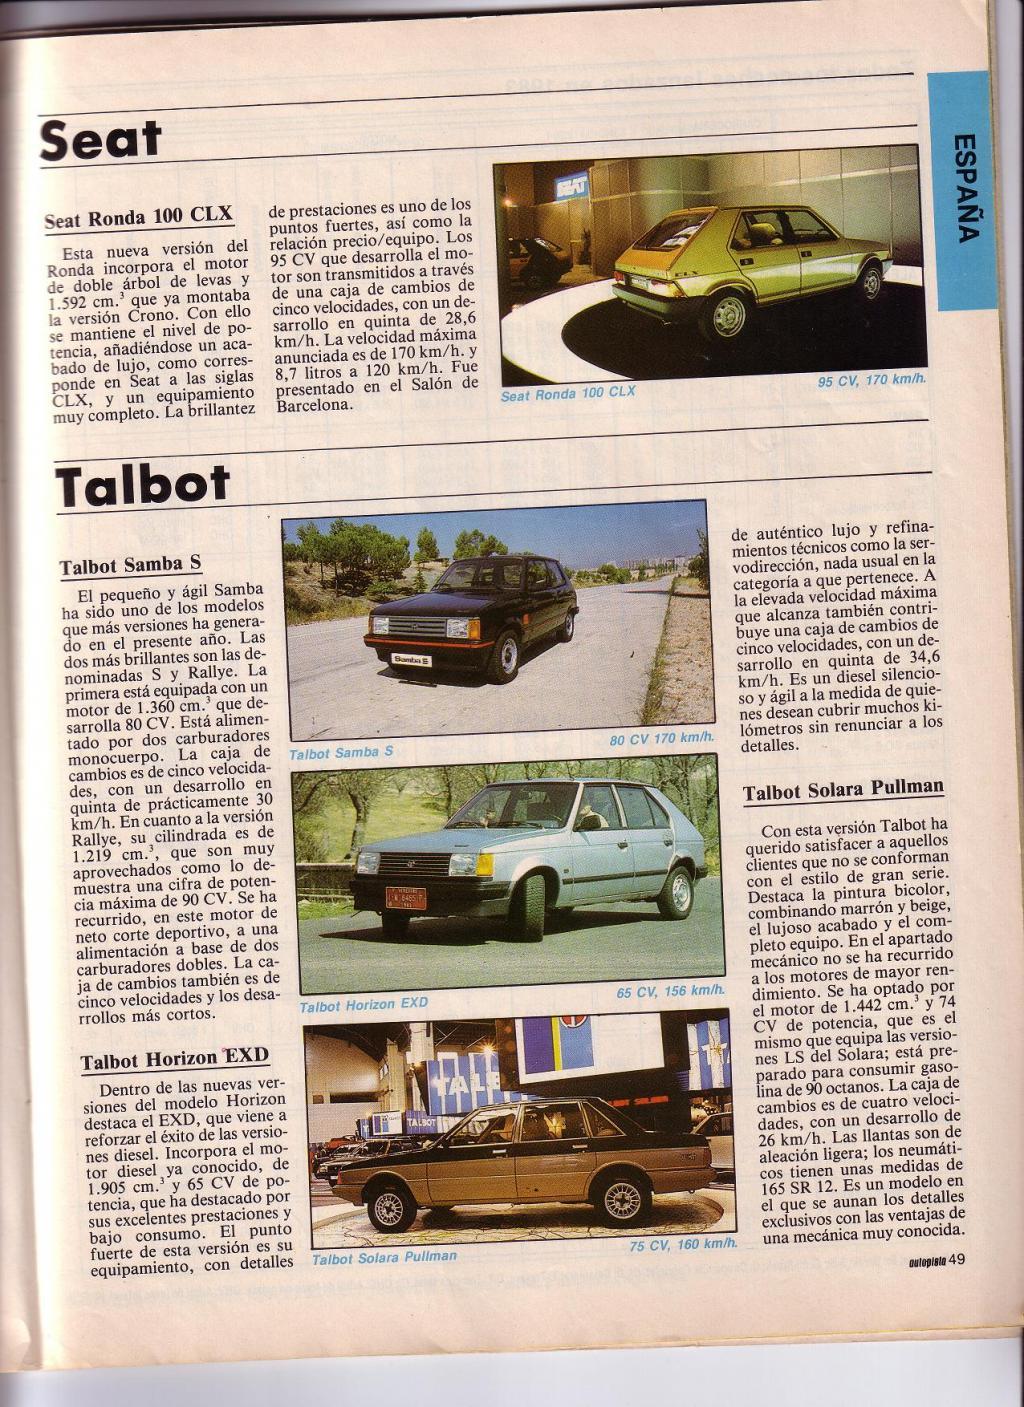 Talbot Solara: elle brille